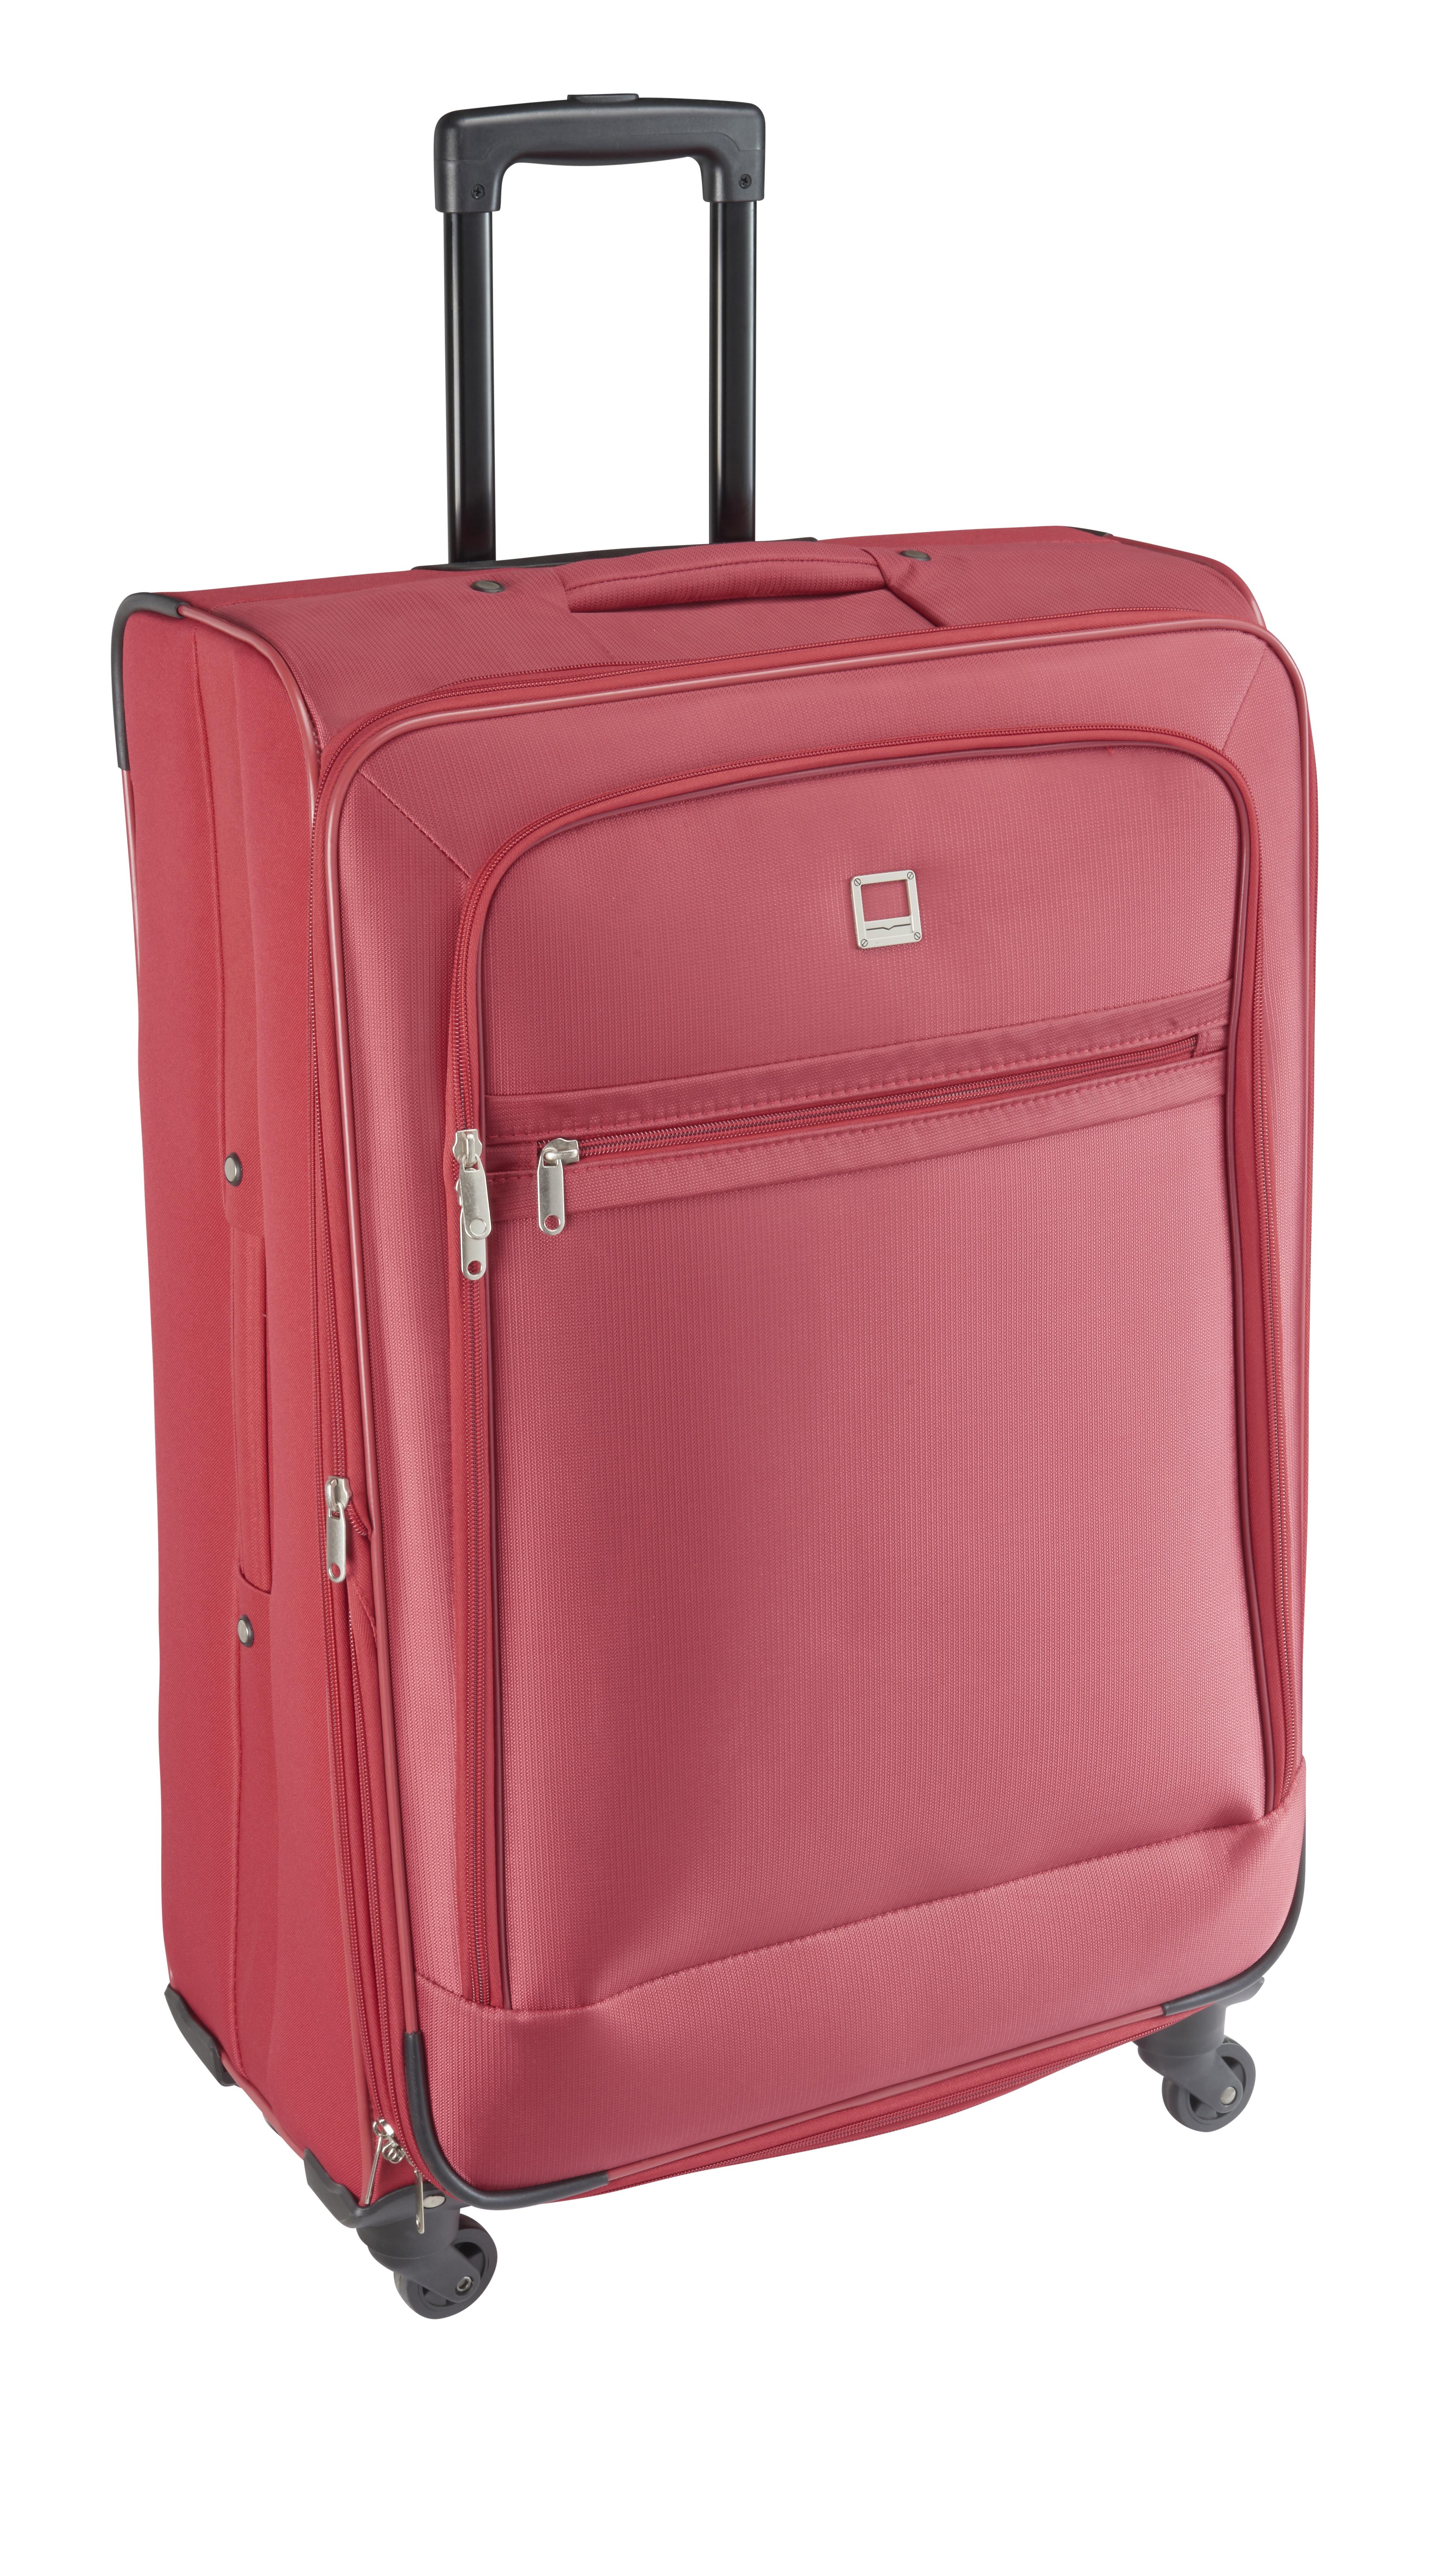 valise carrefour 4 roues Type de bagage : Valise souple. - Matière extérieure : textile 100%  polyester. - Doublure : 100% polyester. - Poids : 4,24 kg.